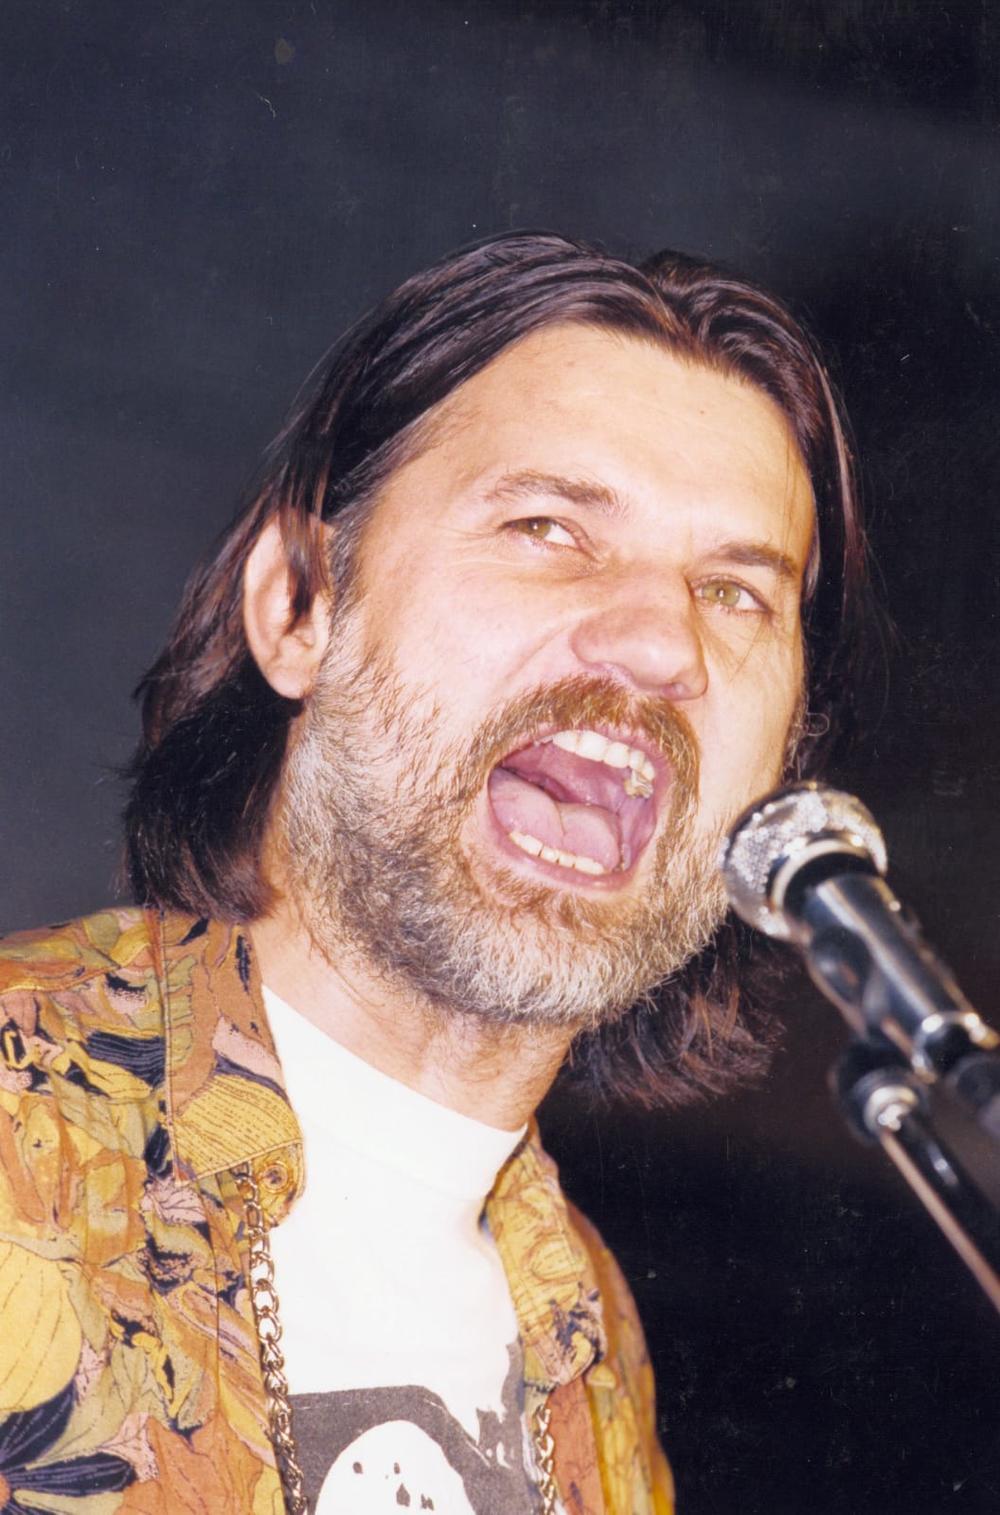 Željko Ninčić